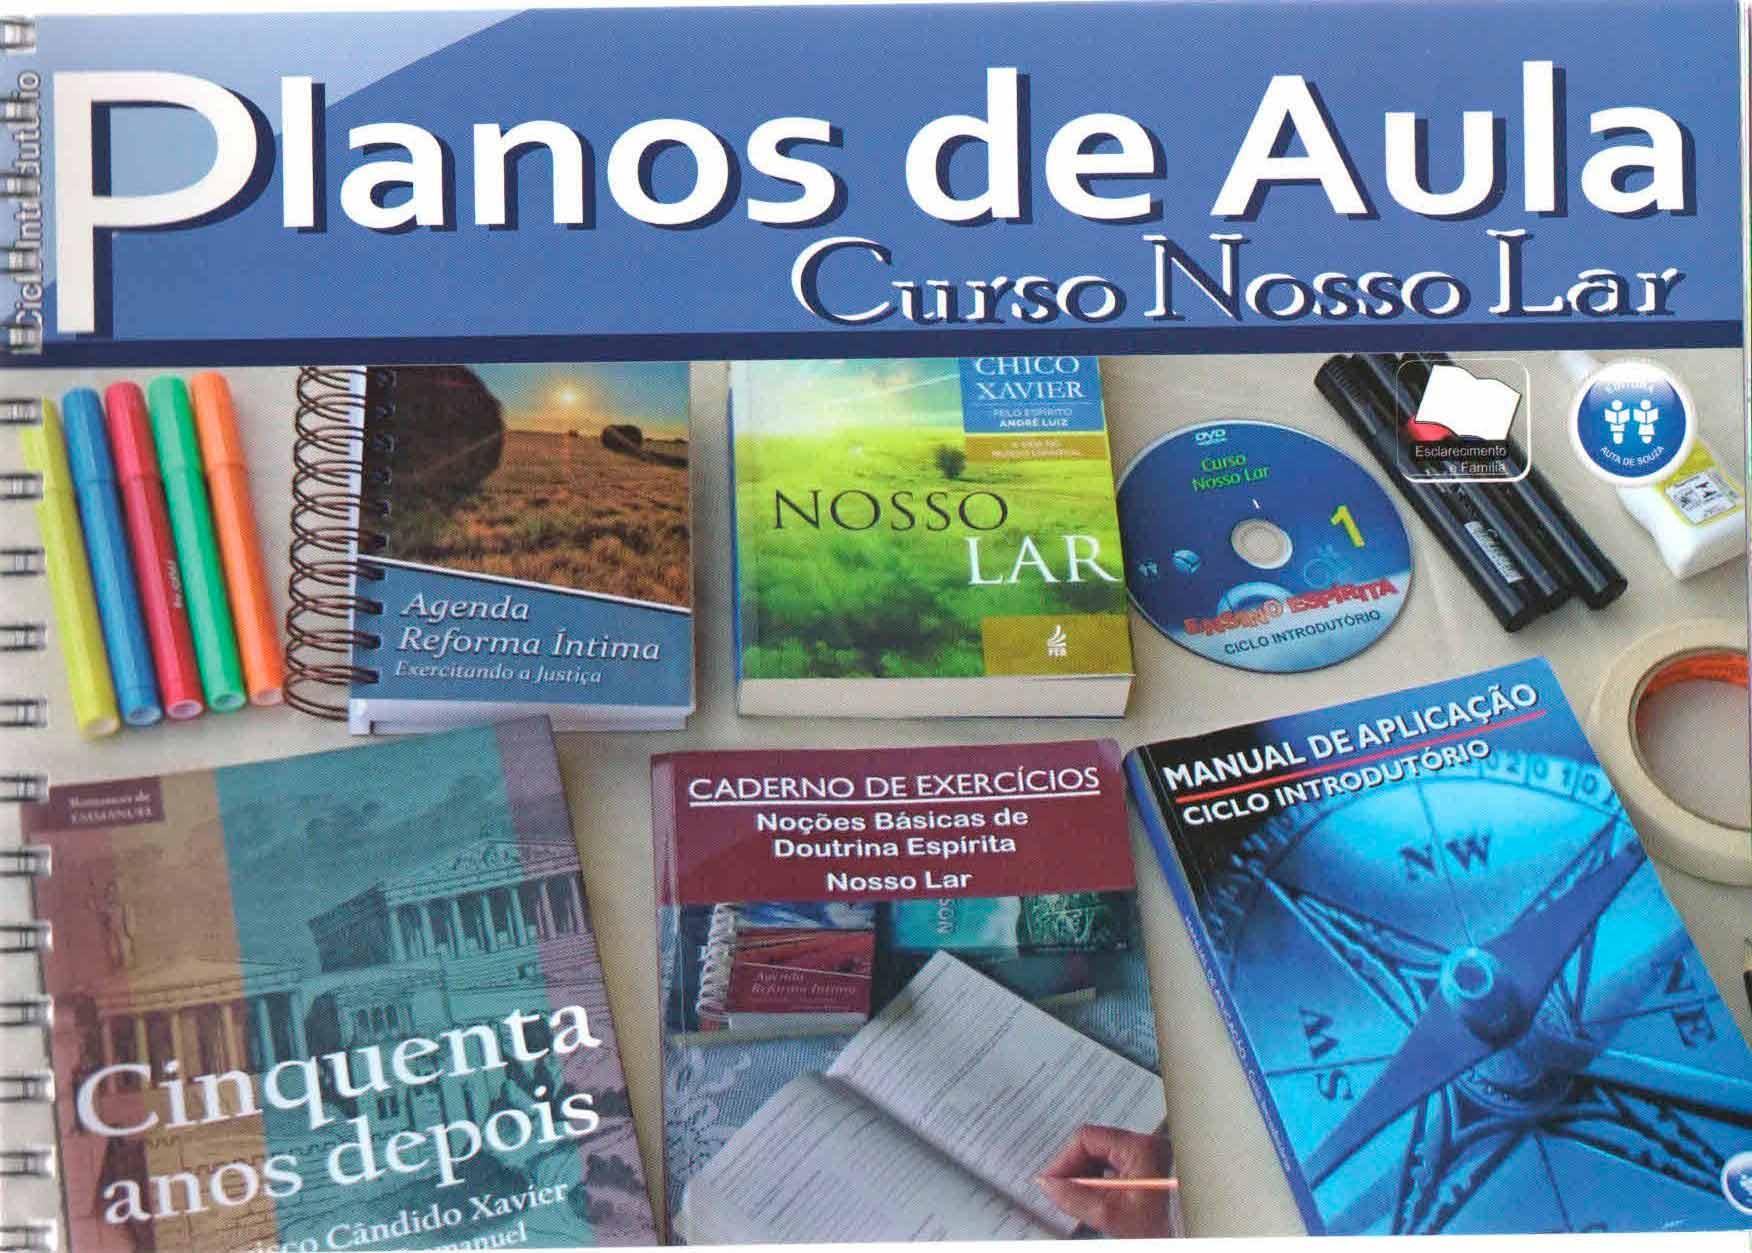 PLANOS DE AULA - CURSO NOSSO LAR